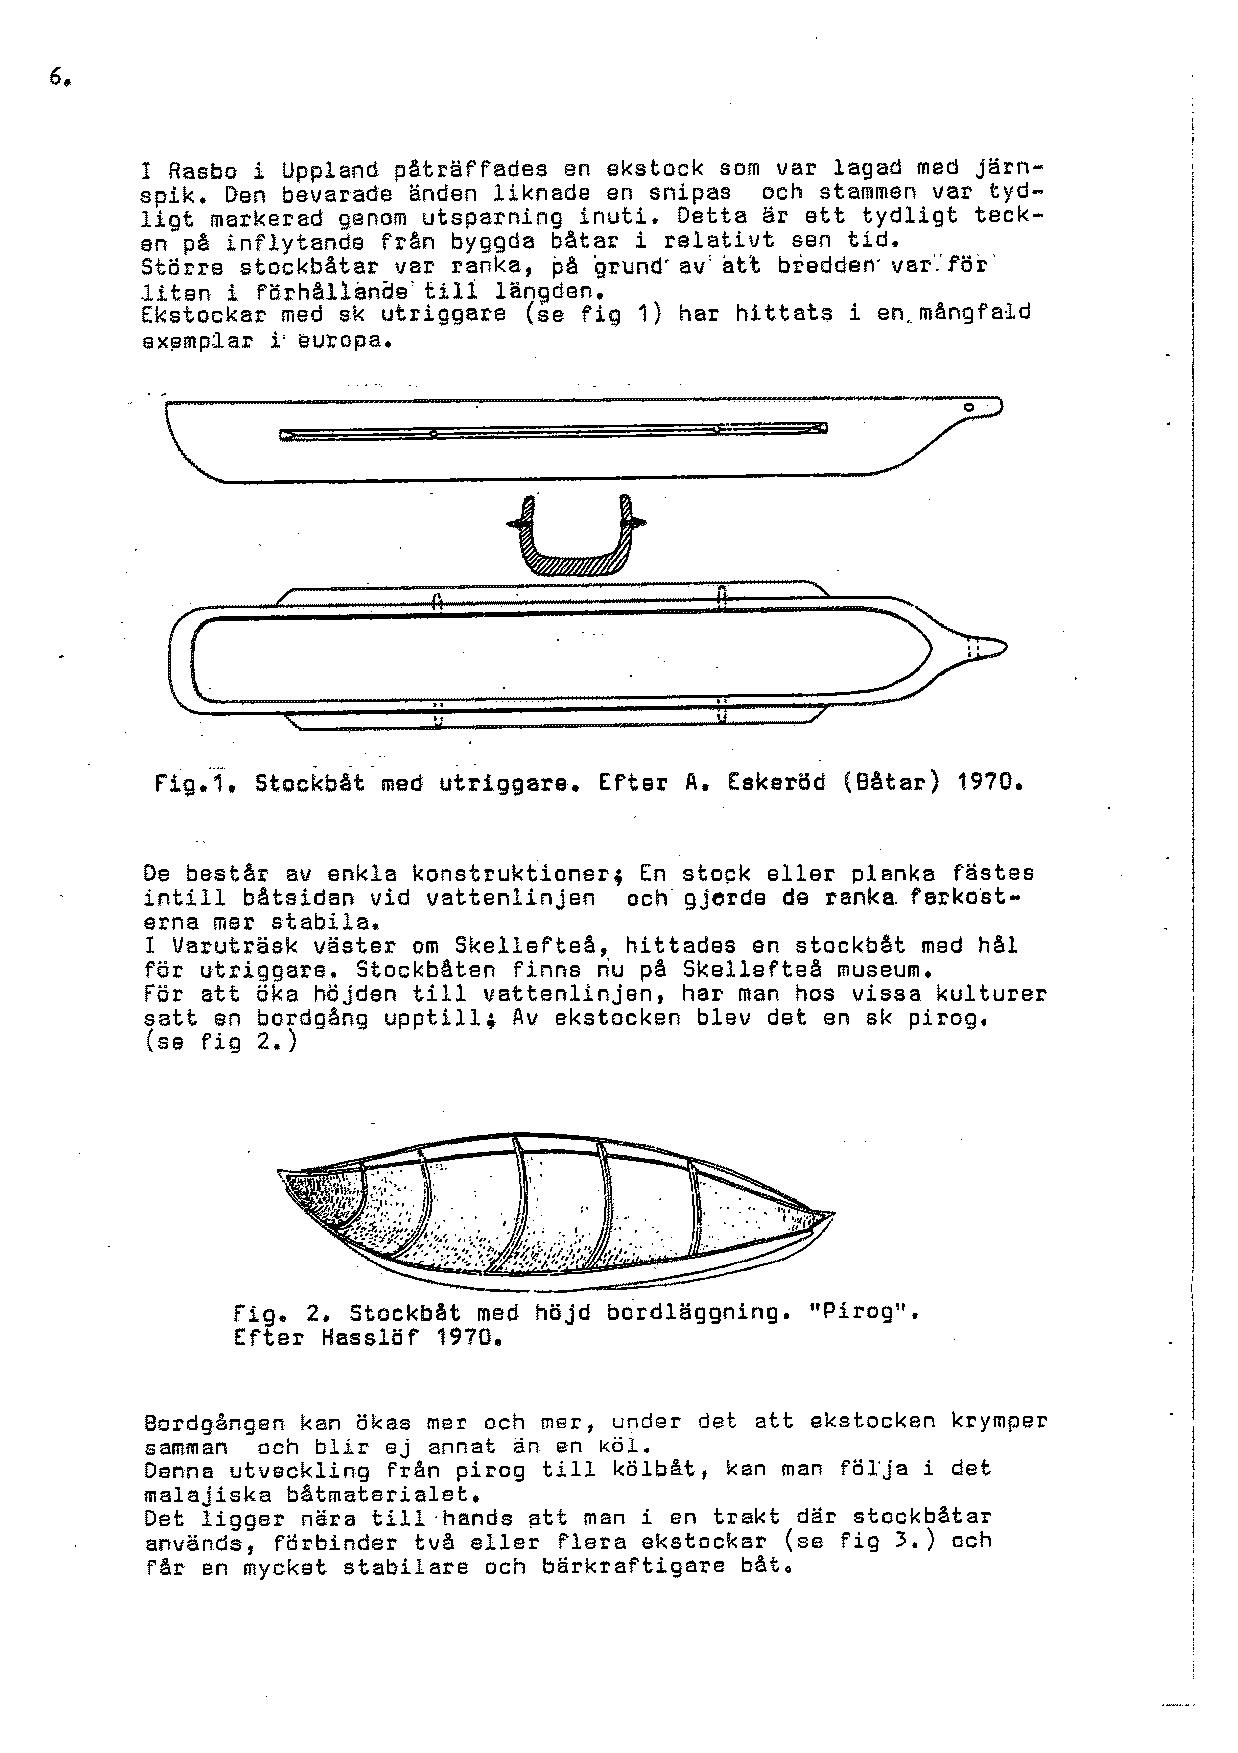 Stockbåtar2